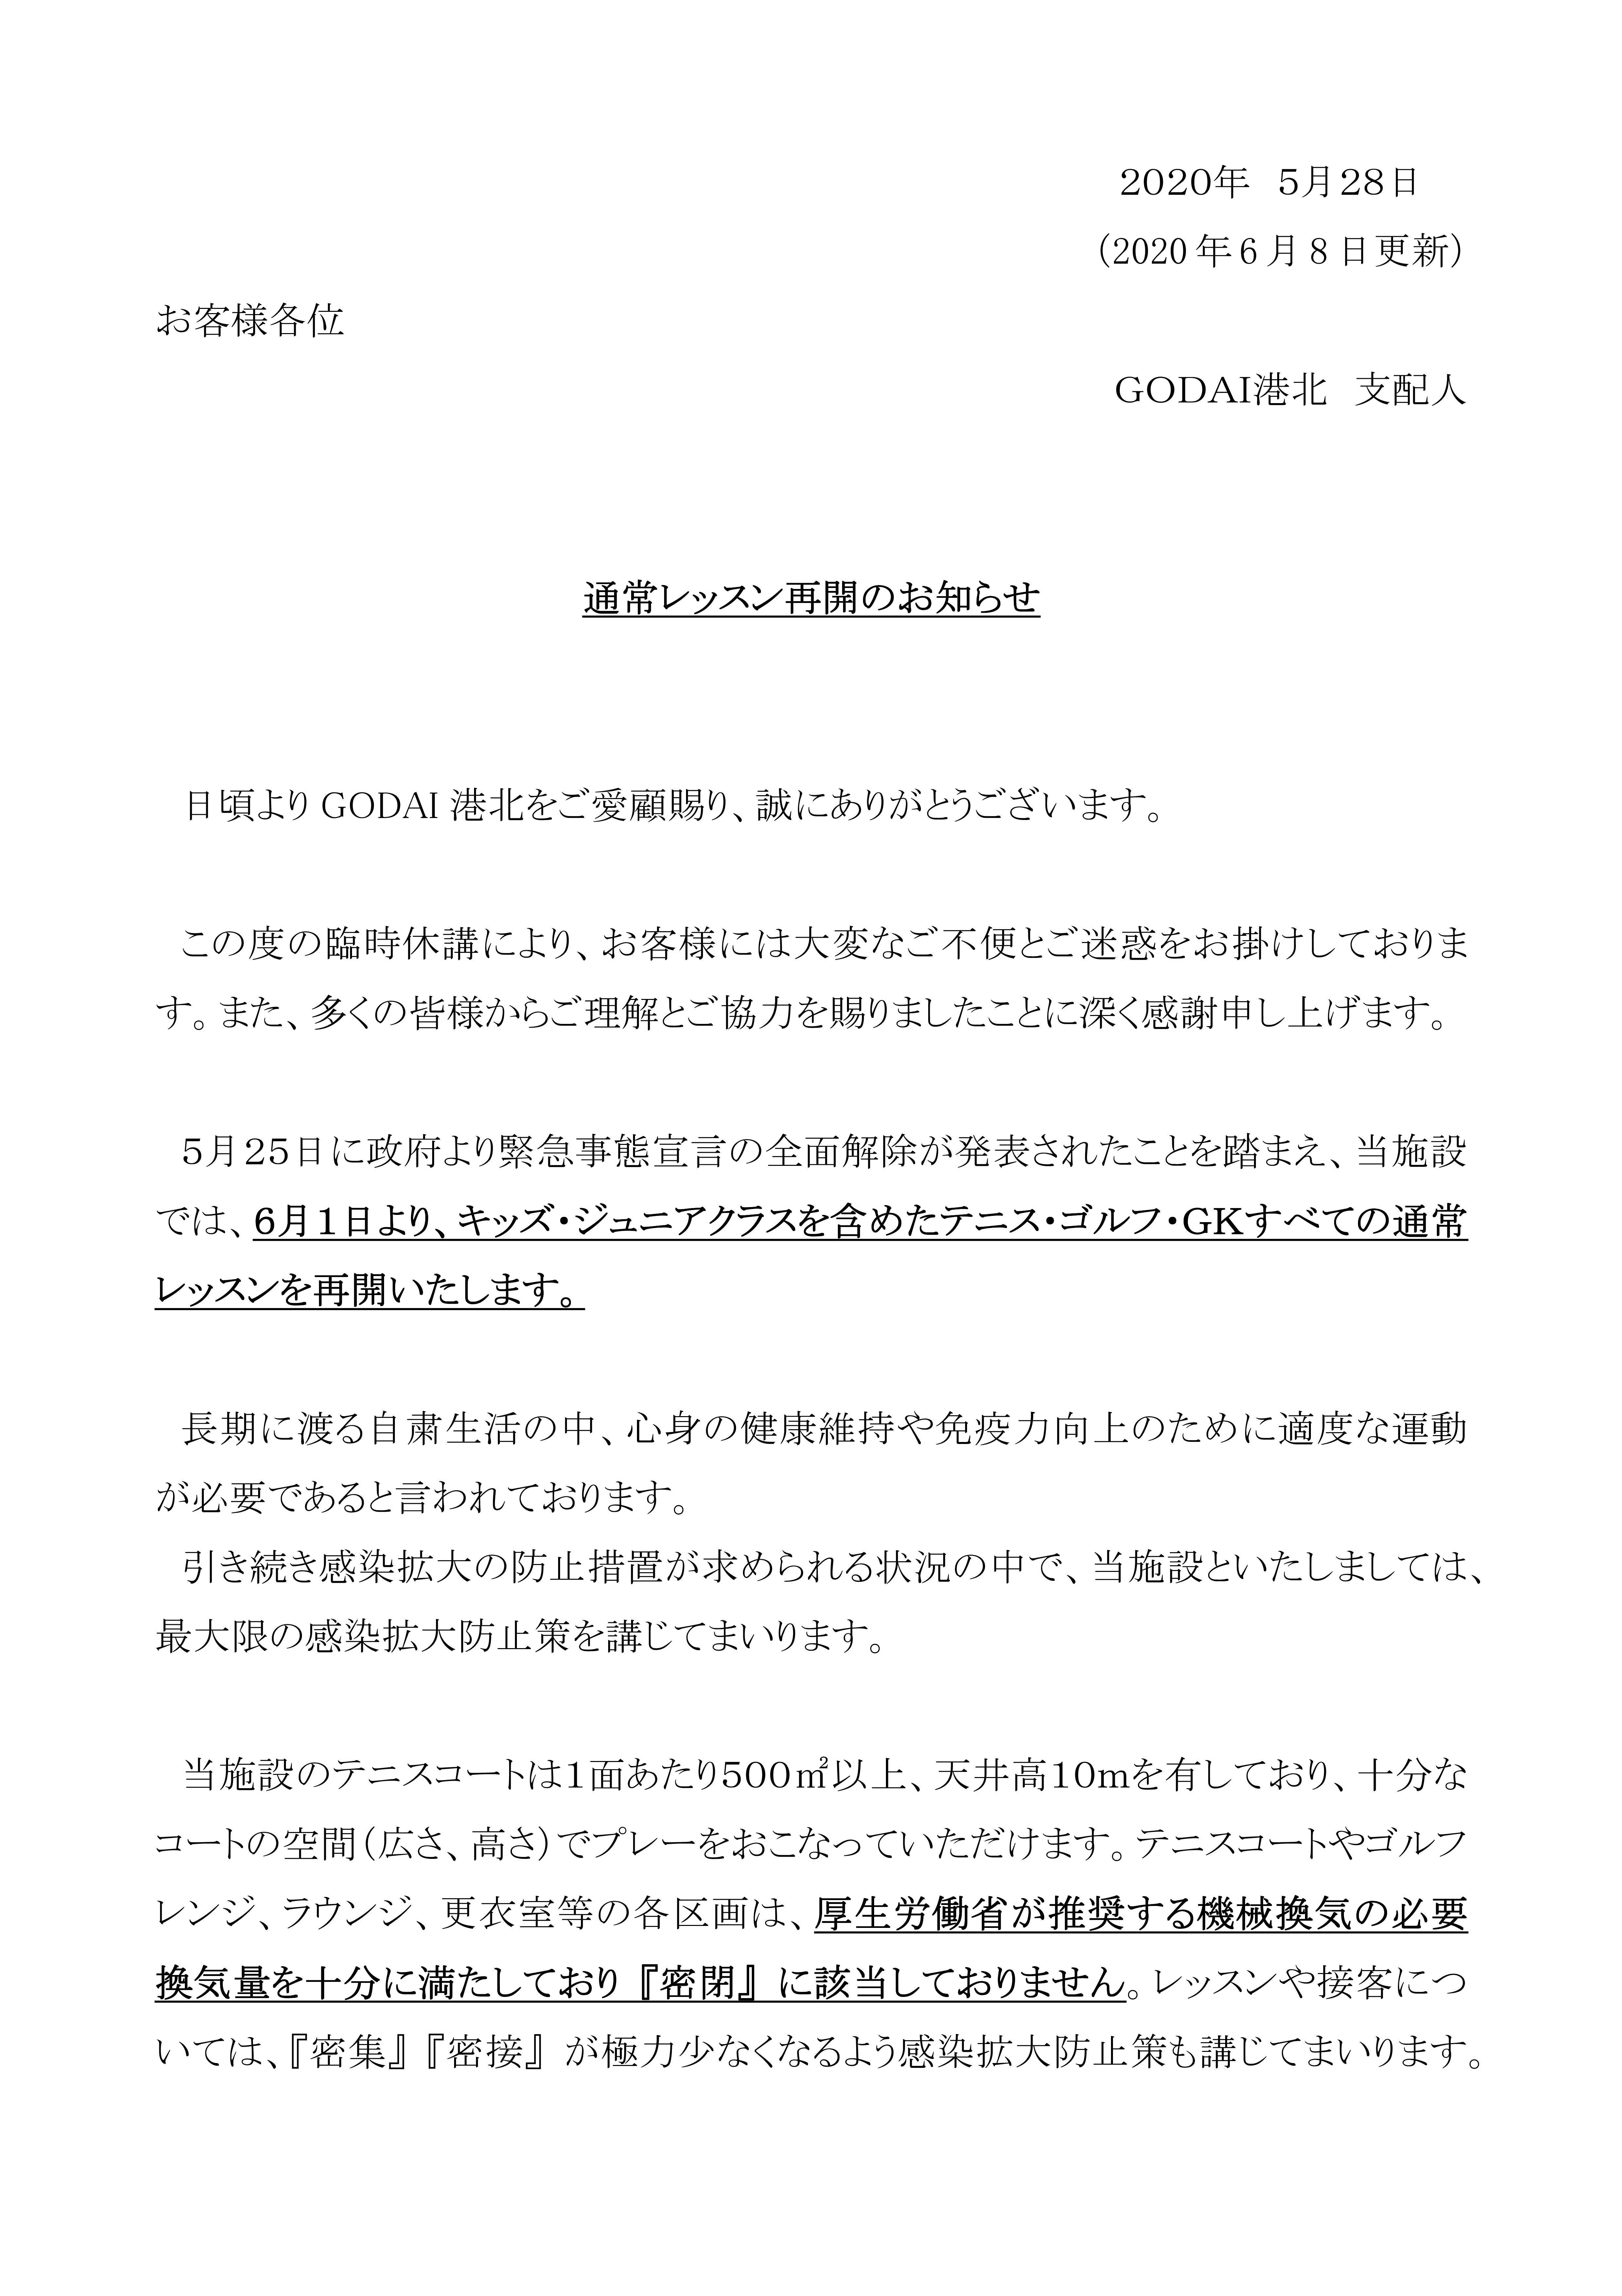 (港北)通常営業再開のお知らせ20200608(更新)-01.jpg